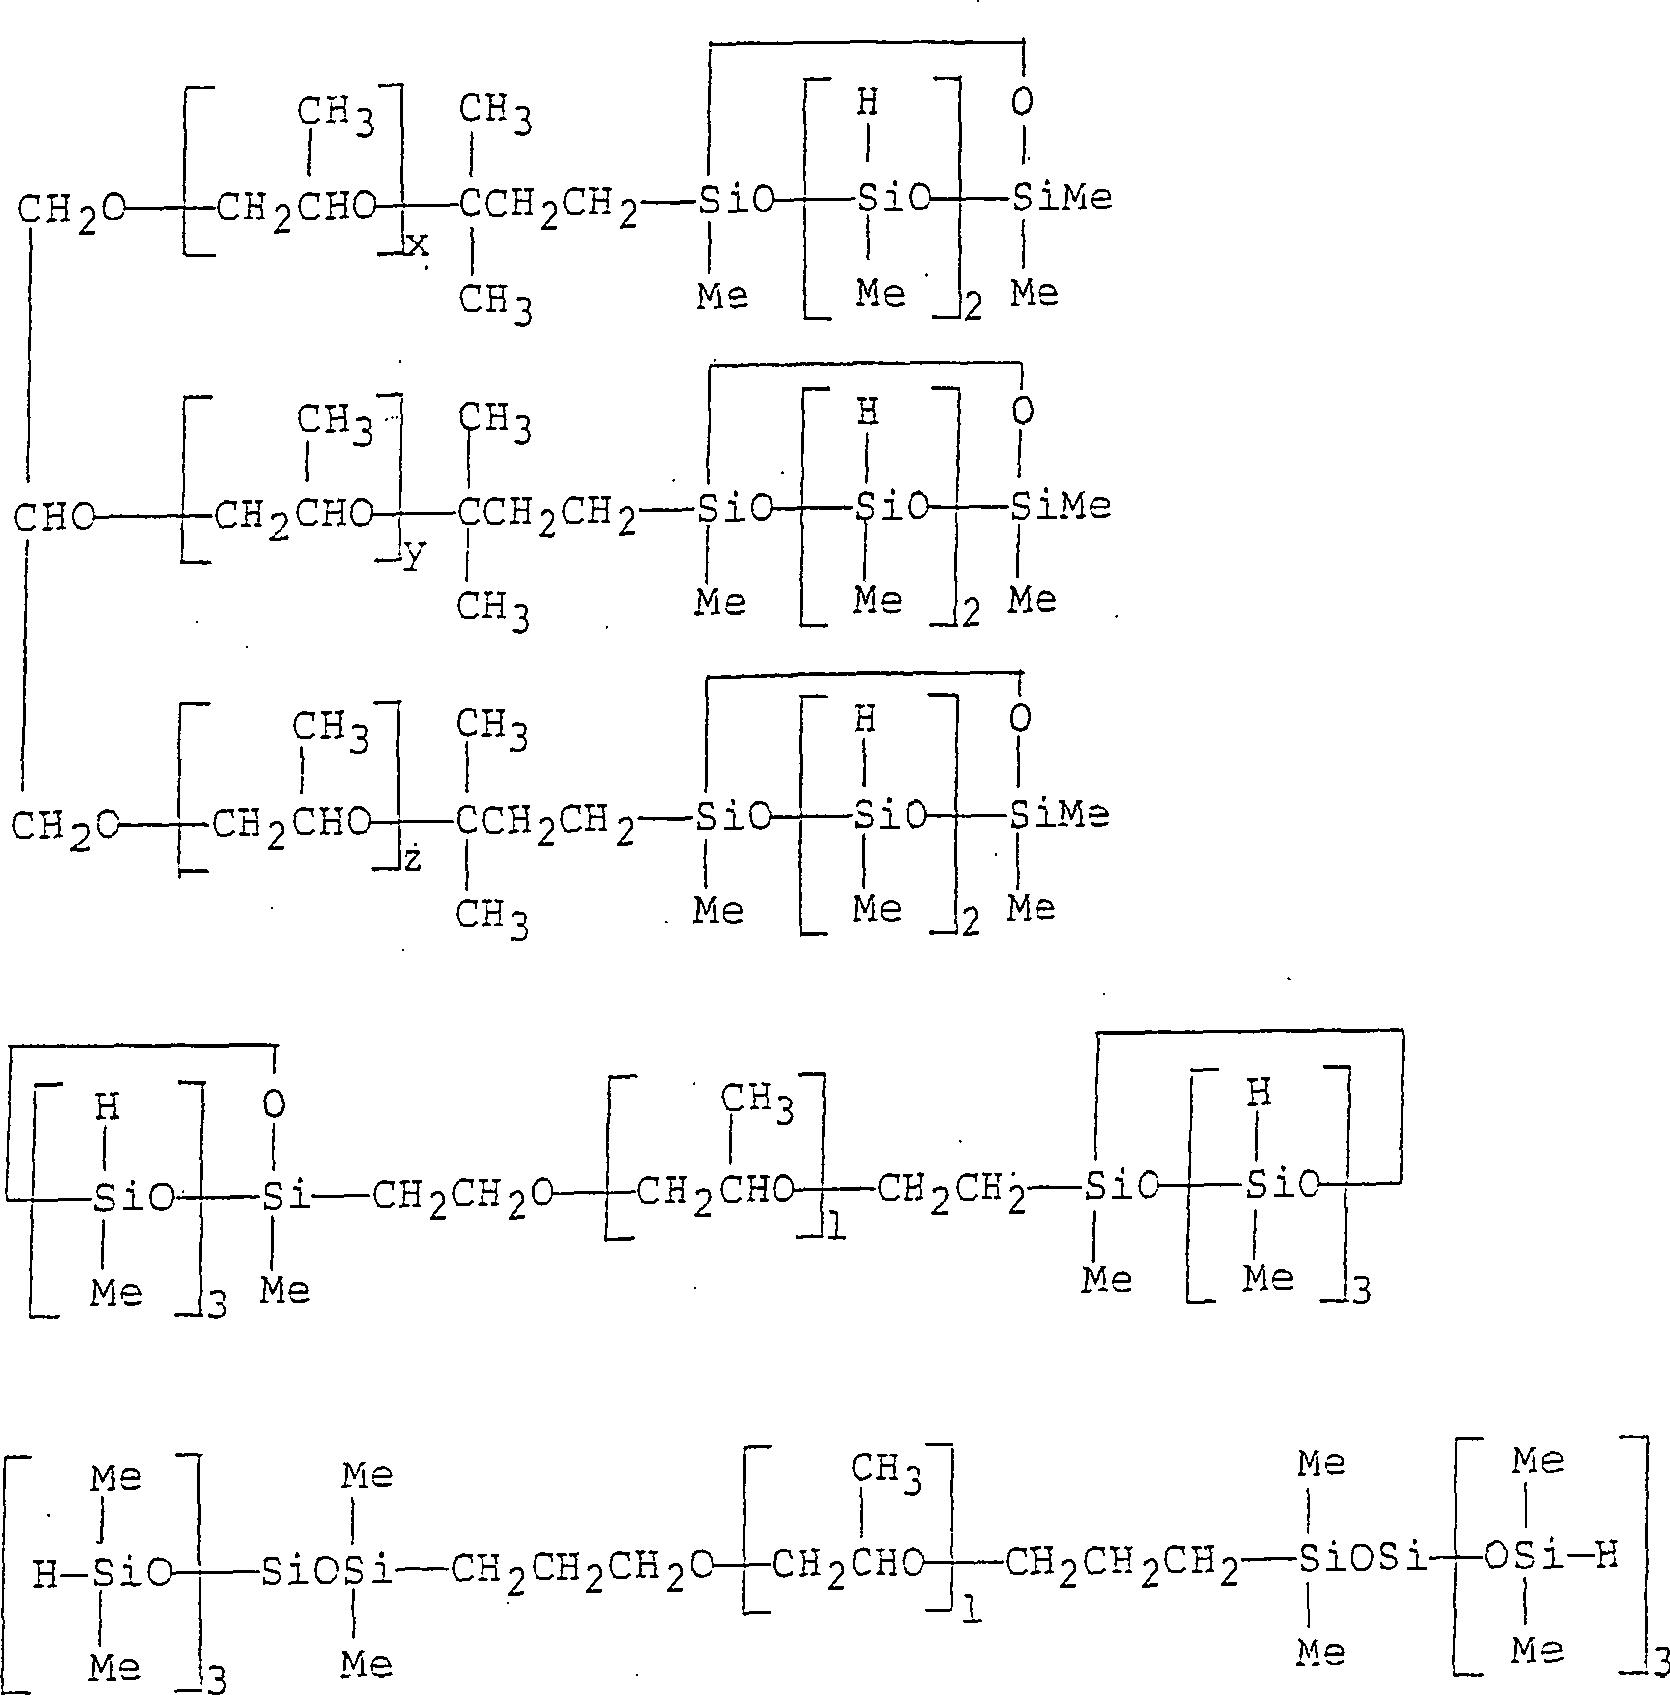 Figure DE000019719438C5_0037